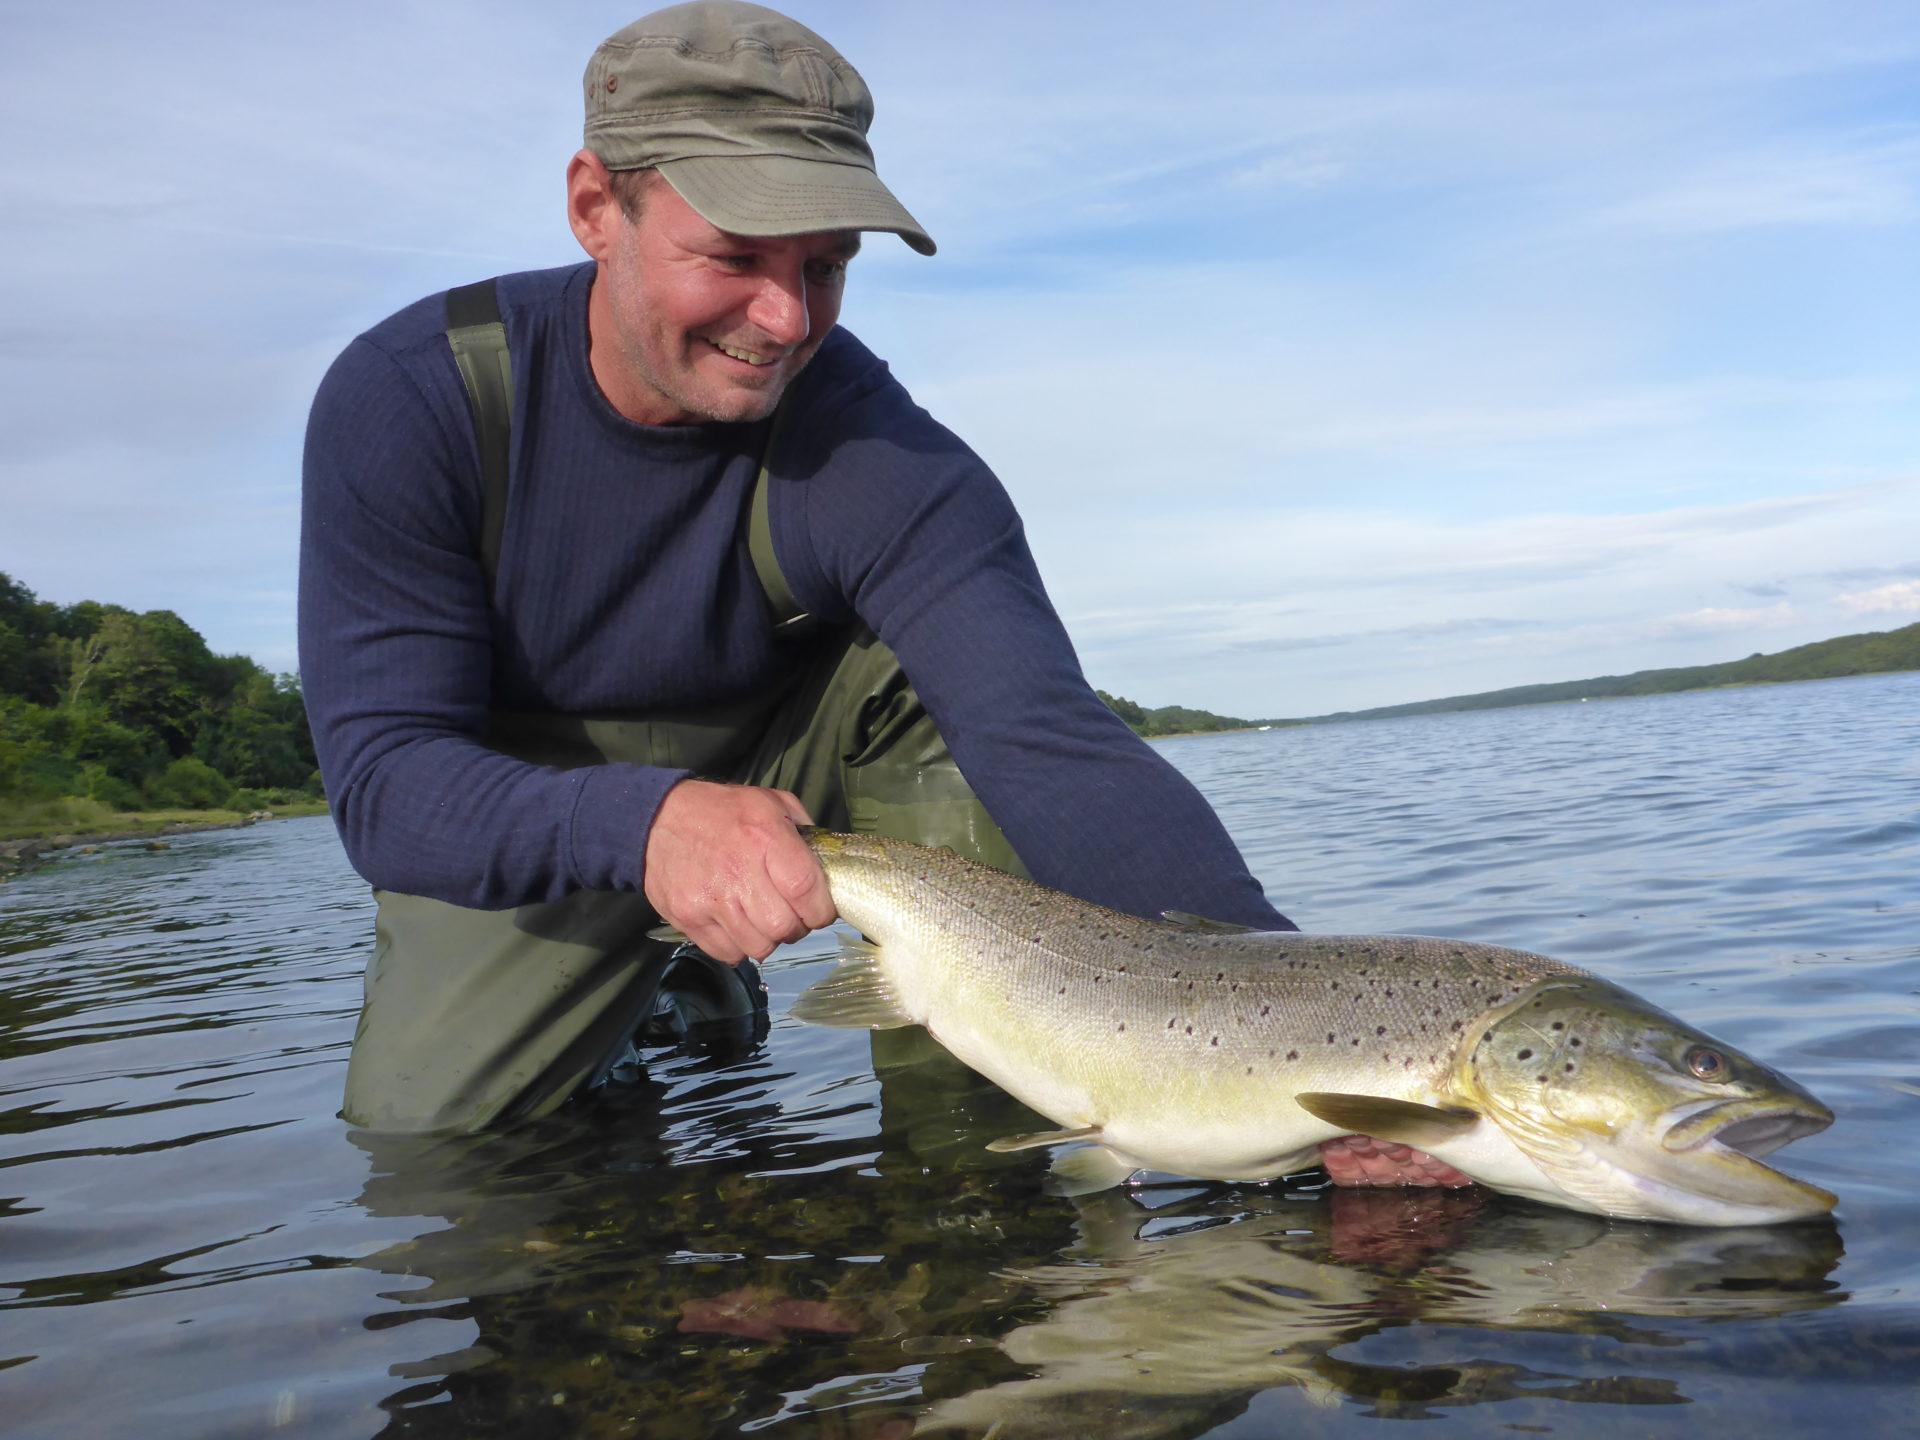 Mariager Fjord er en af Danmarks bedste til fangst af havørred.